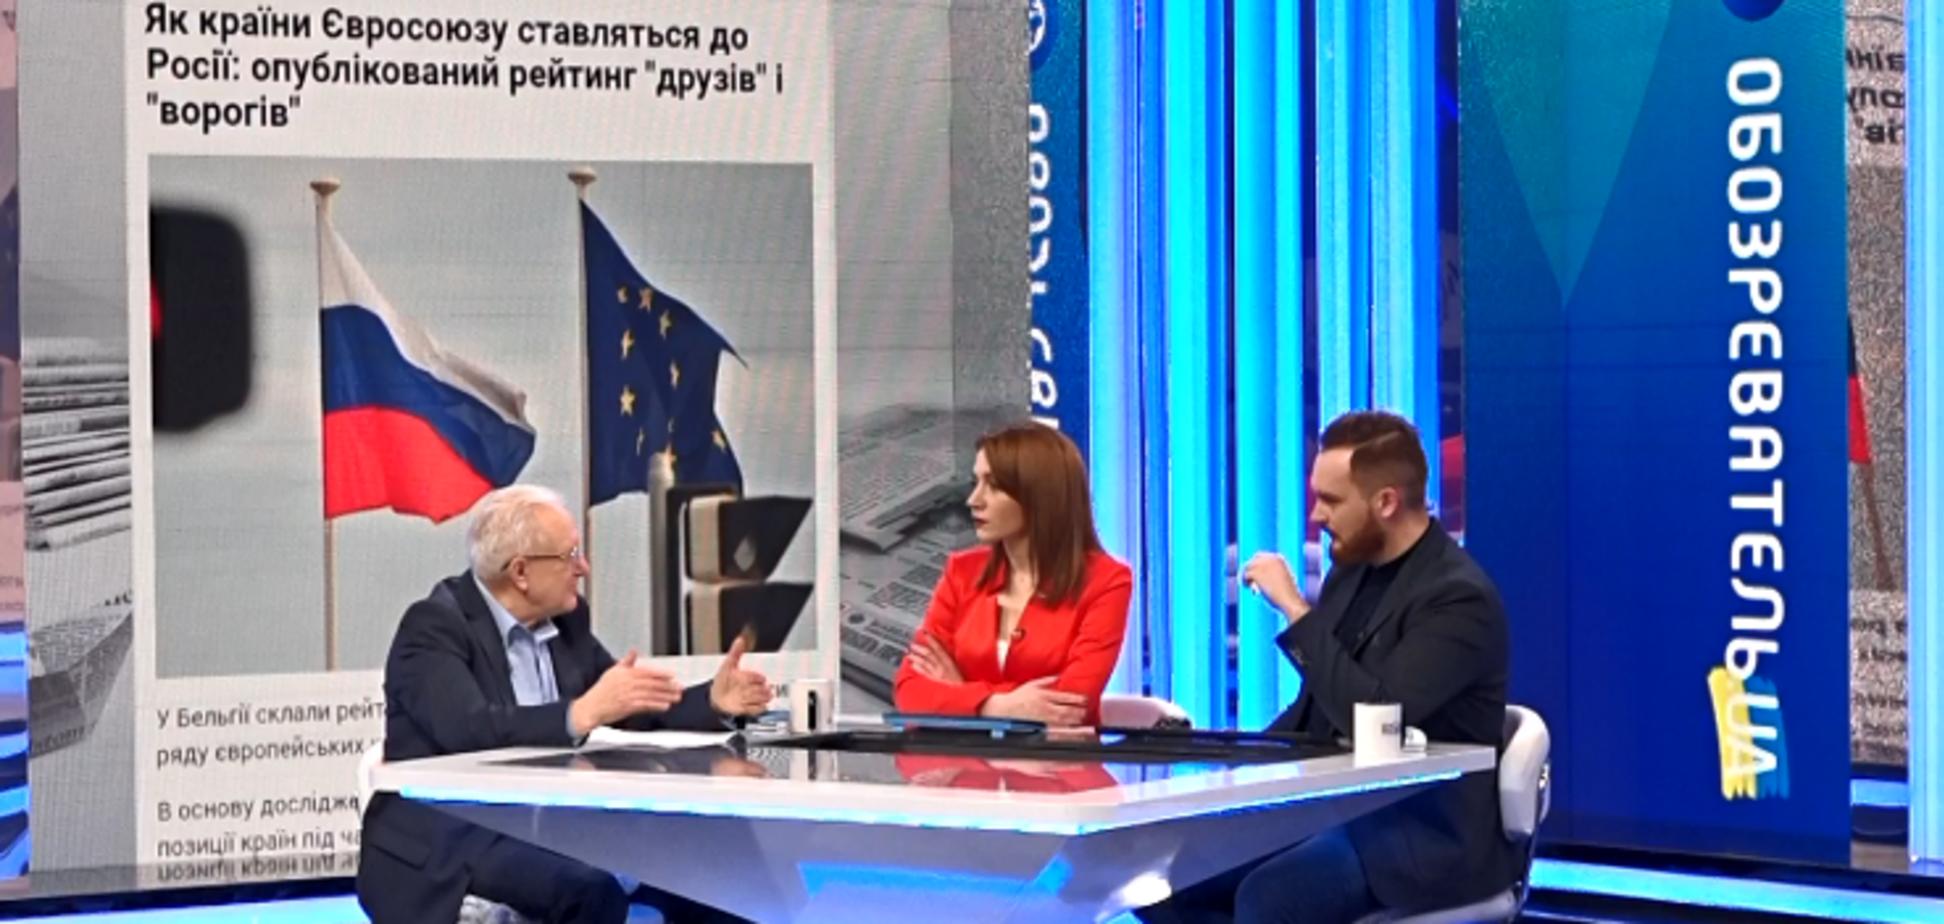 Посол України розвіяв міф про 'європейських друзів Путіна'